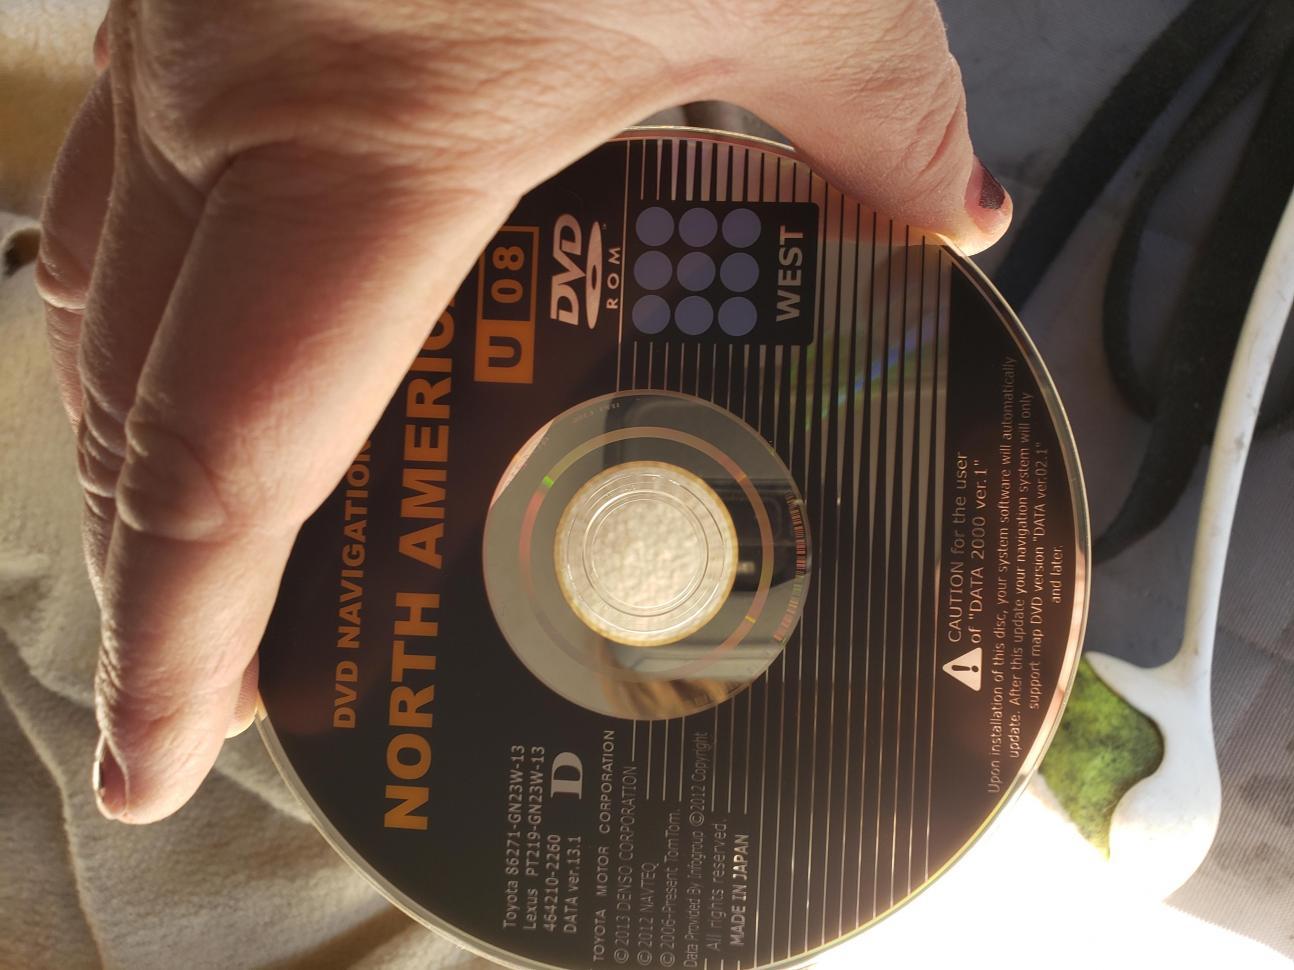 Navigation DVD update-dvd-jpg